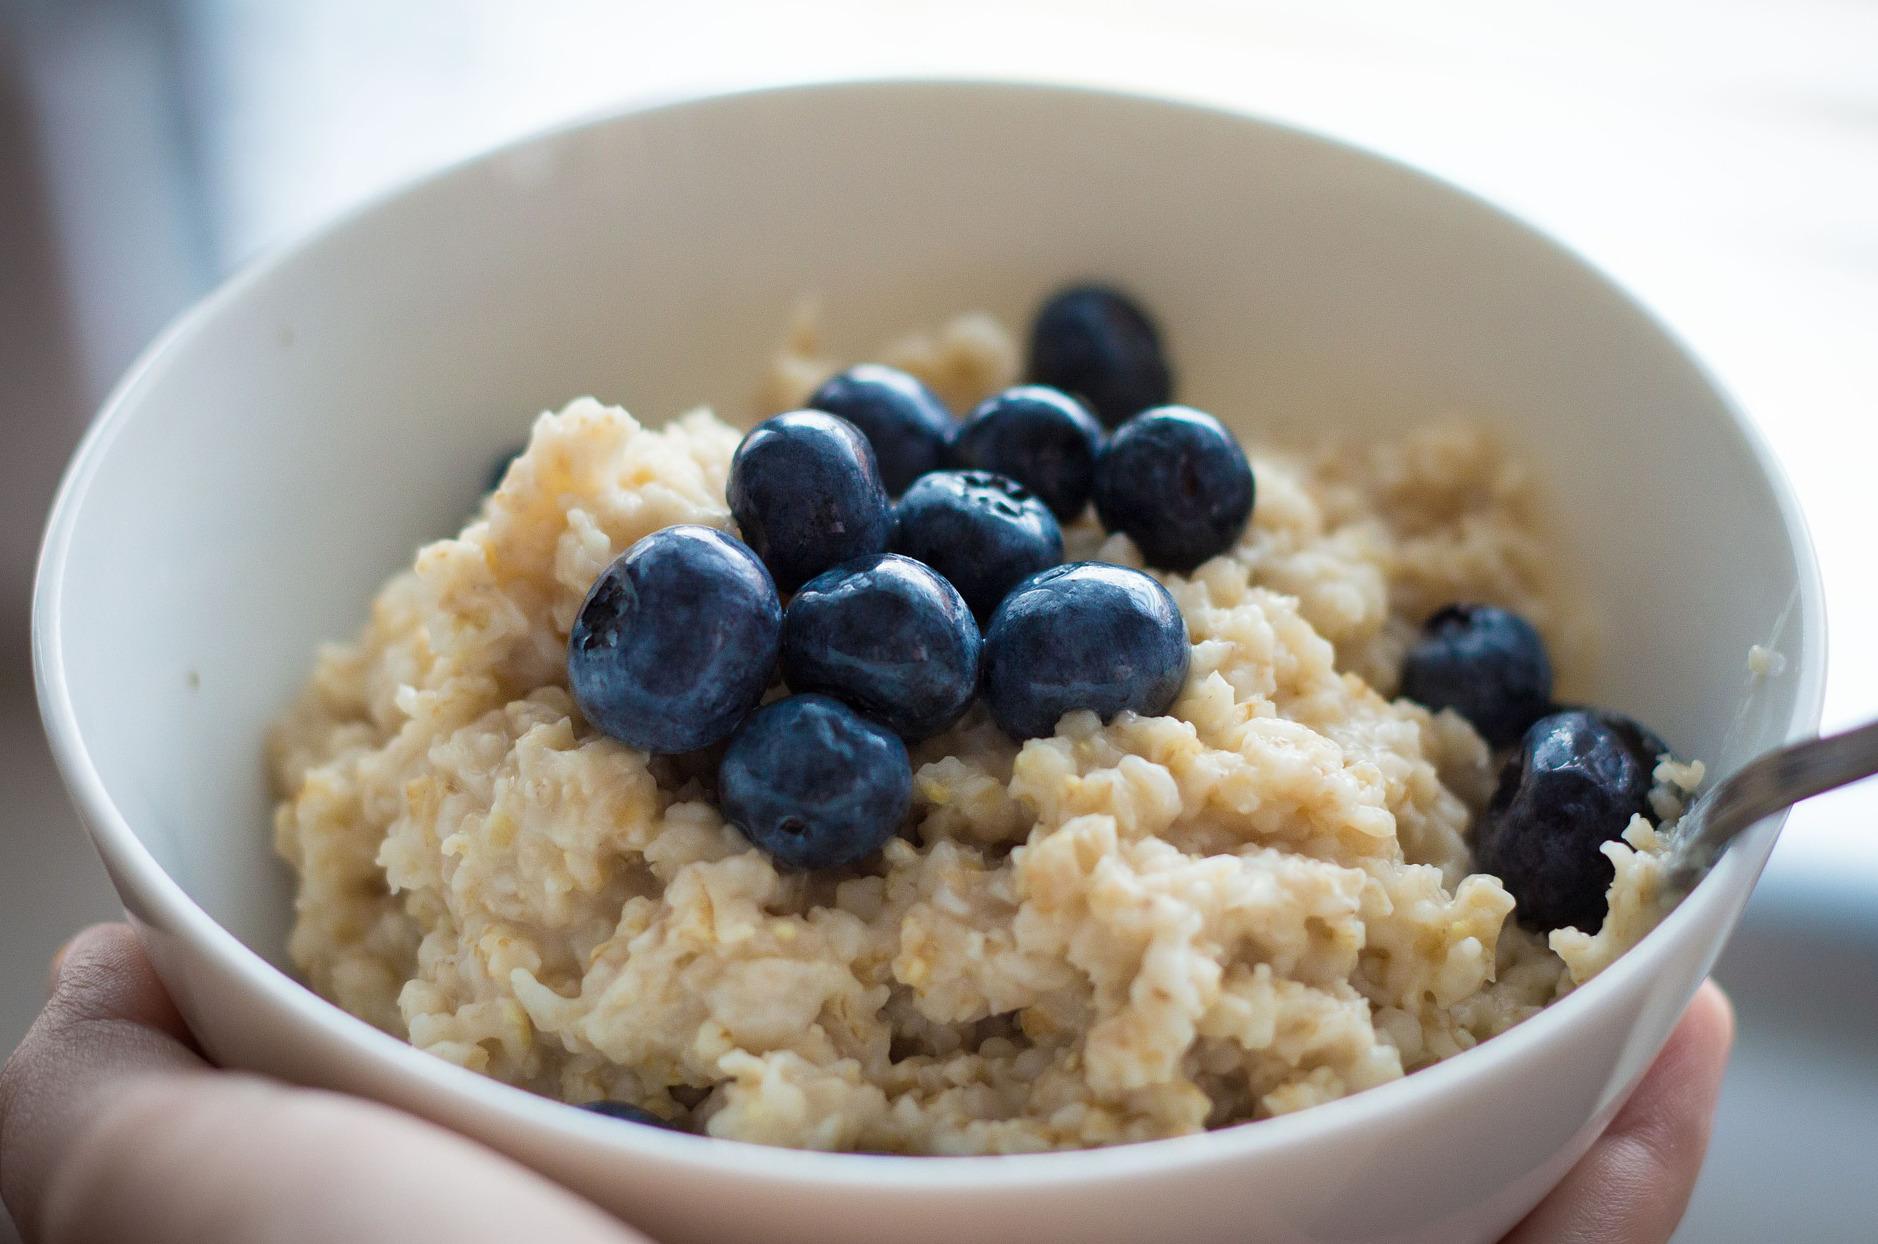 Zdrowy jadłospis chroni przed chorobami.